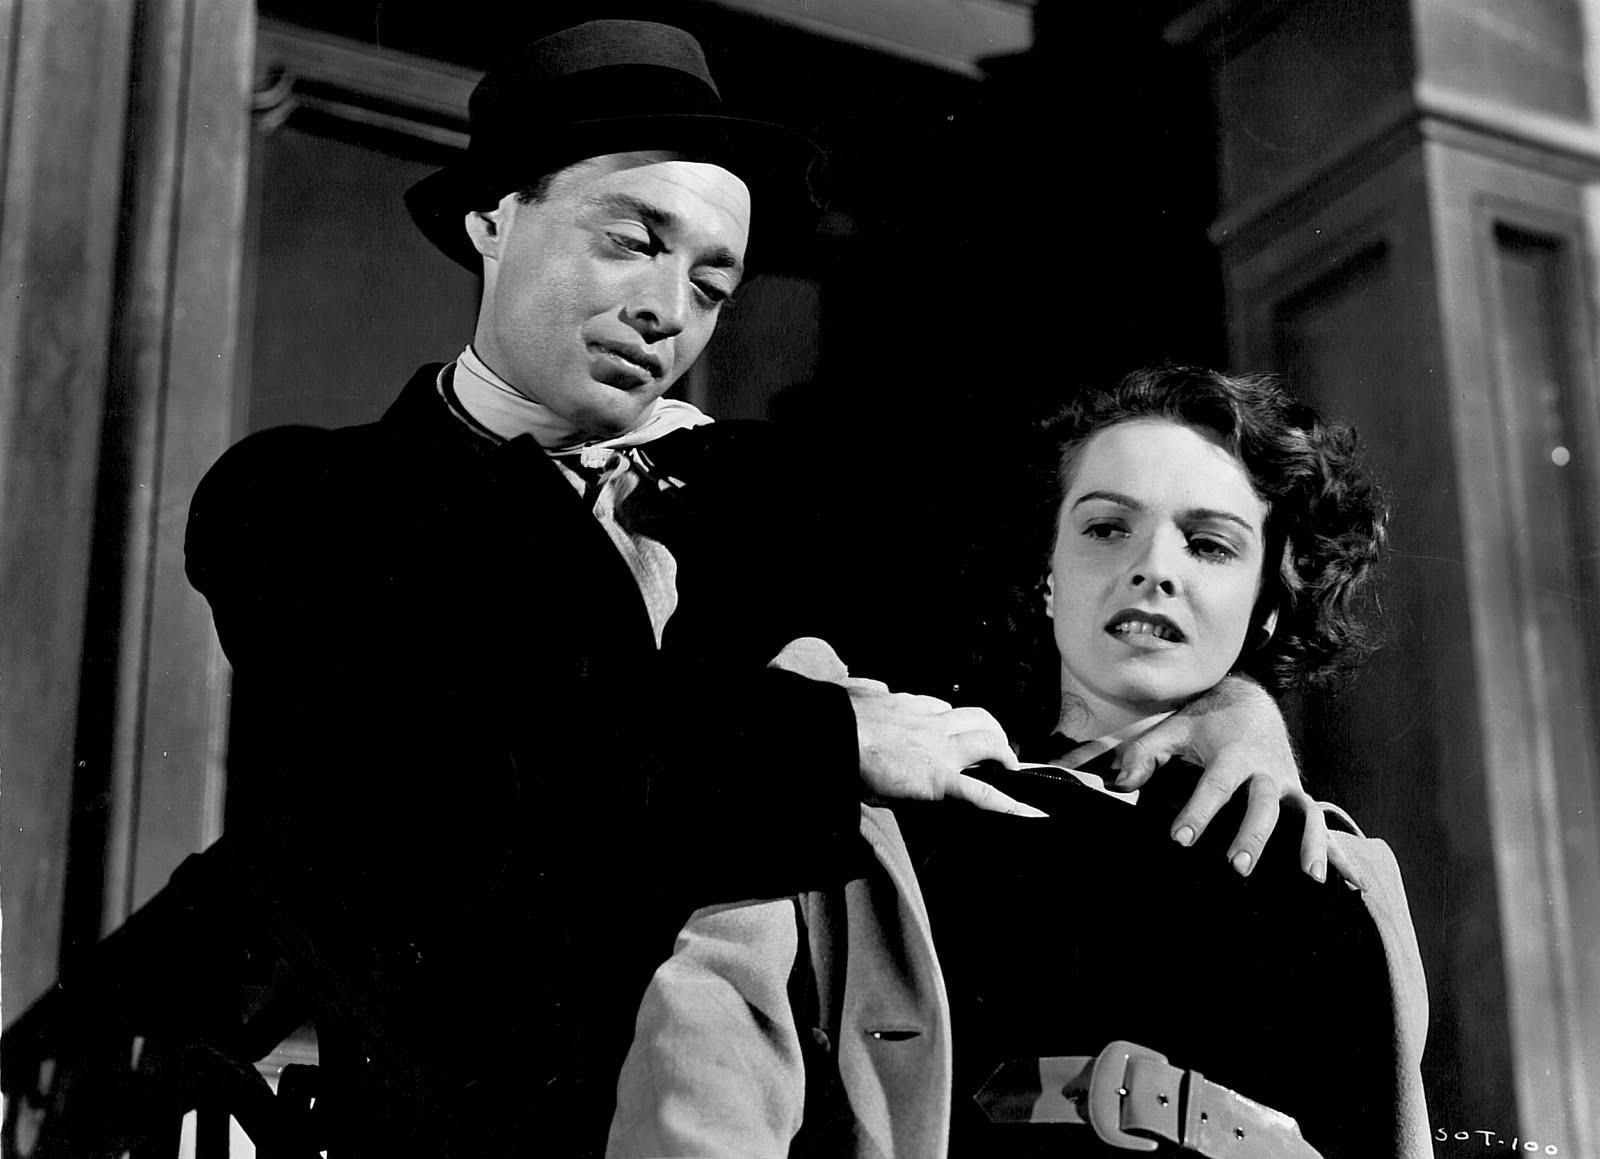 The Stranger on The Third Floor (1940)